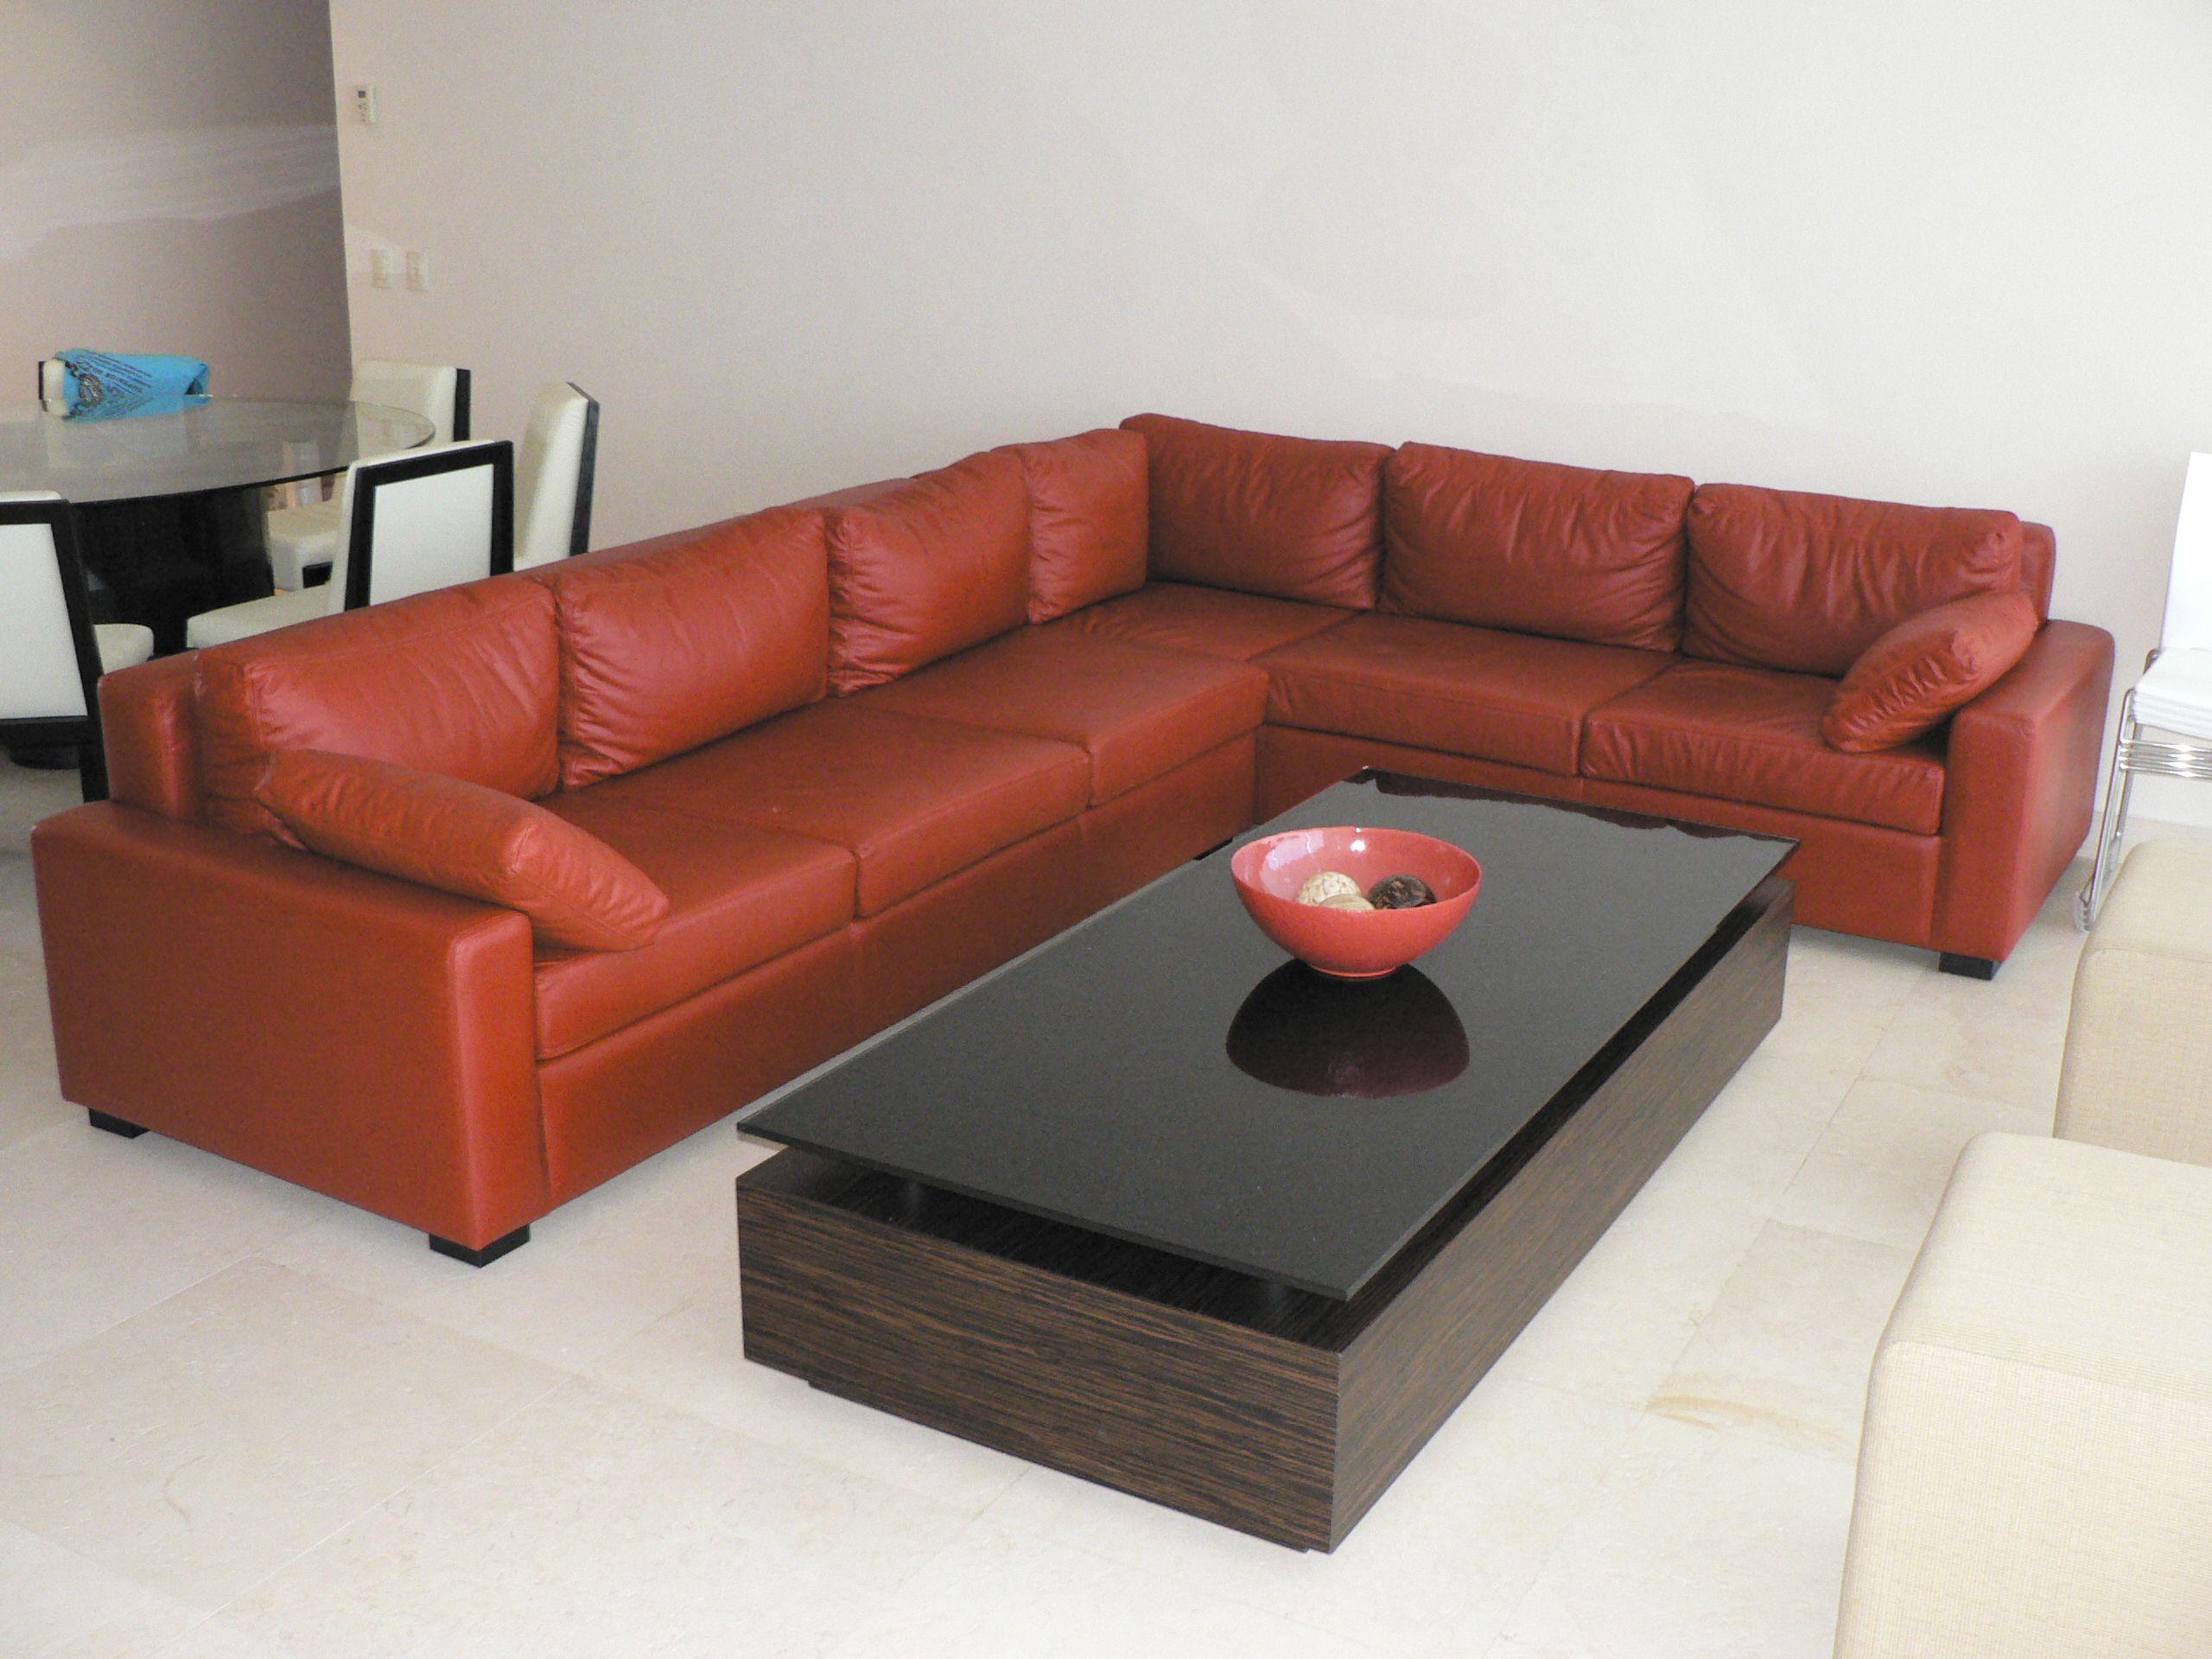 European style office furniture valentineblog net - Sala De Piel Color Marr N En Escuadra Con Mesa De Centro Fabricada En Madera De Bano